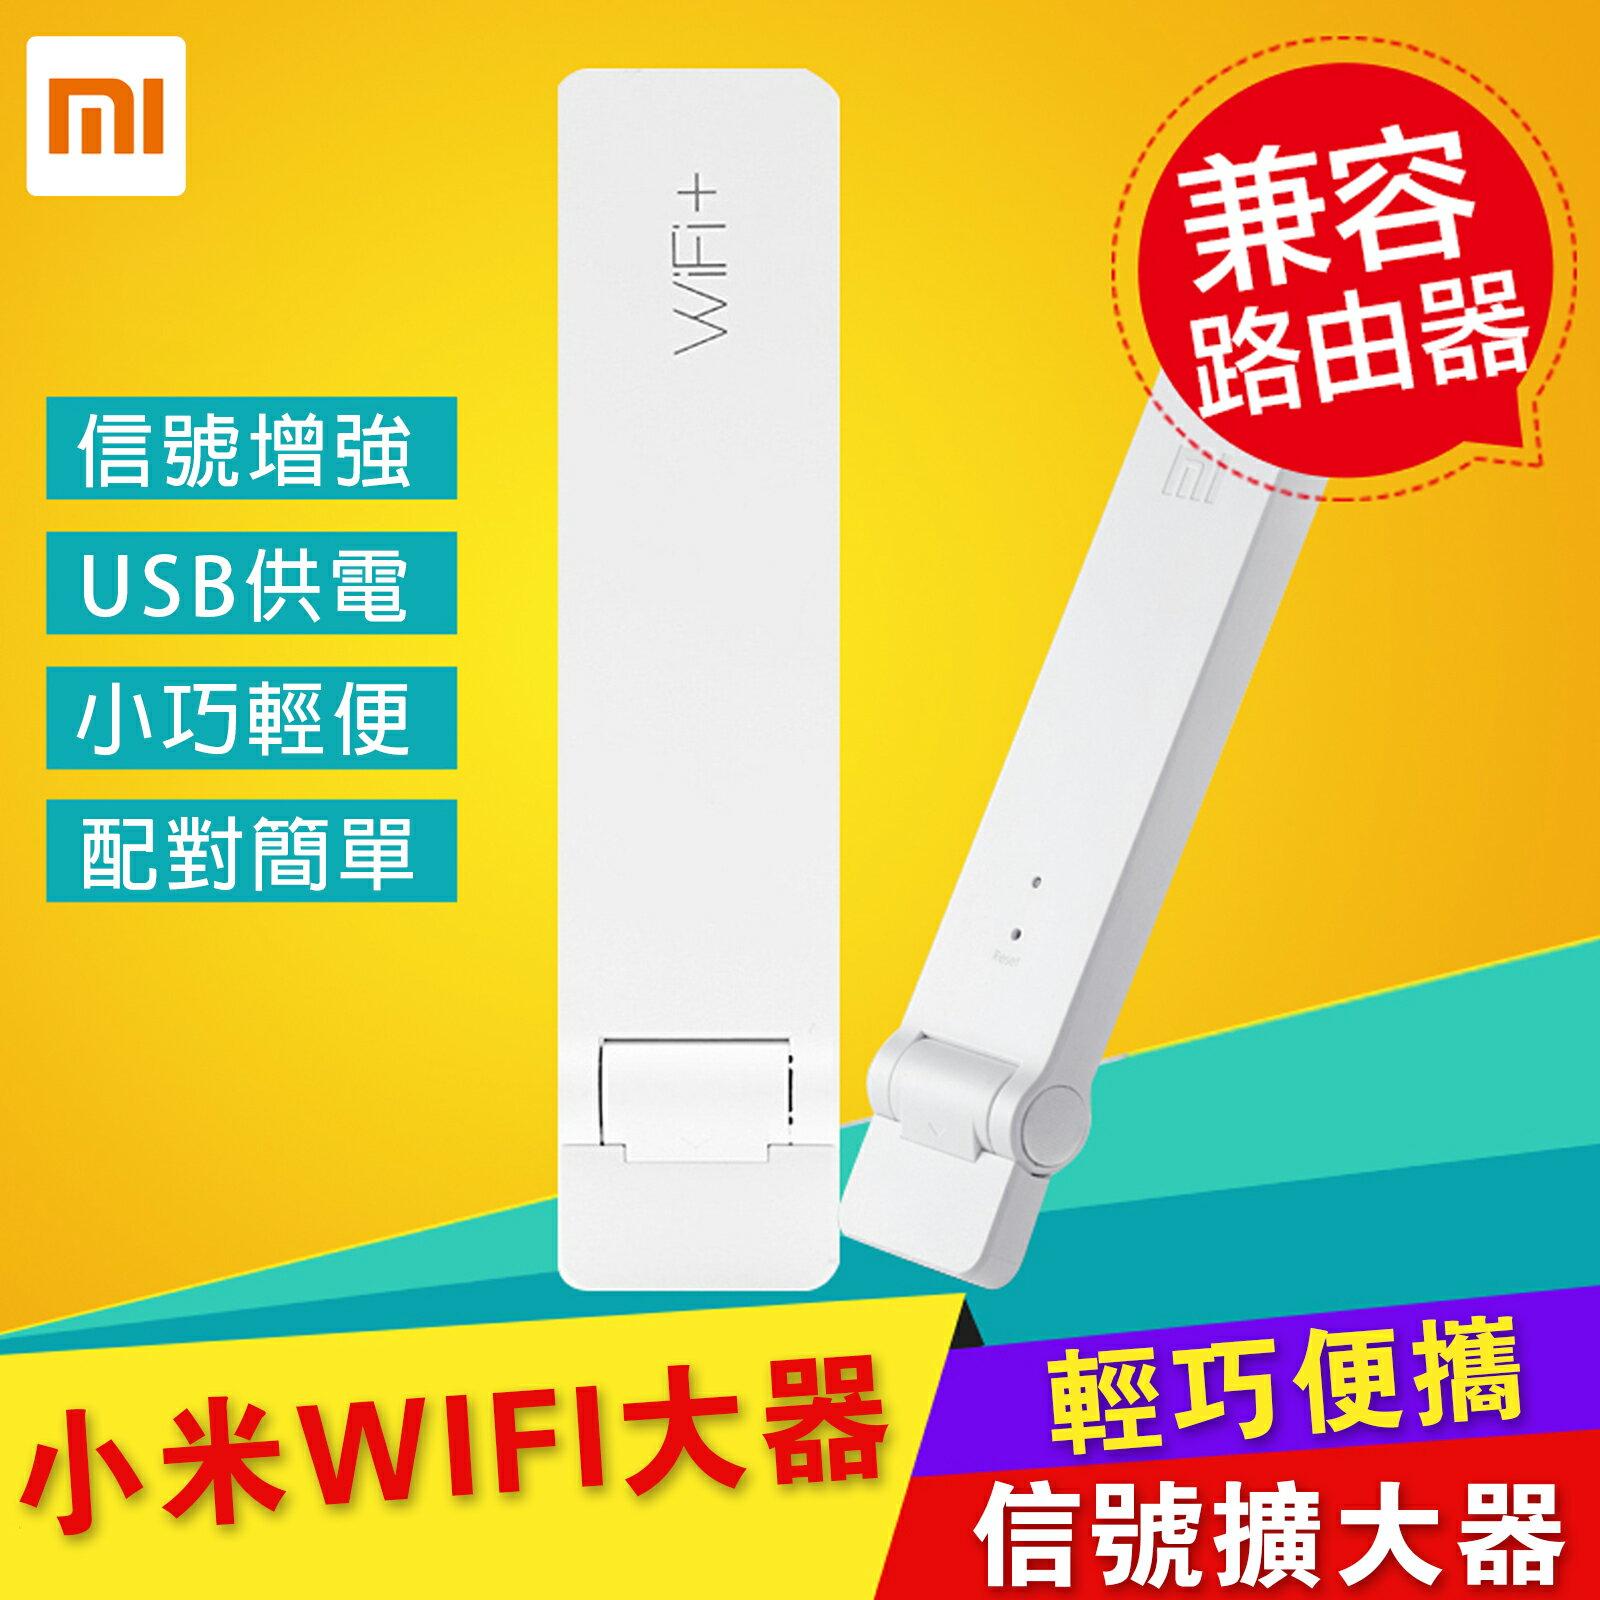 【原廠正貨】小米WIFI信號增強放大器 無線家用路由器增強USB便攜式 擴大器【O3227】☆雙兒網☆ 1